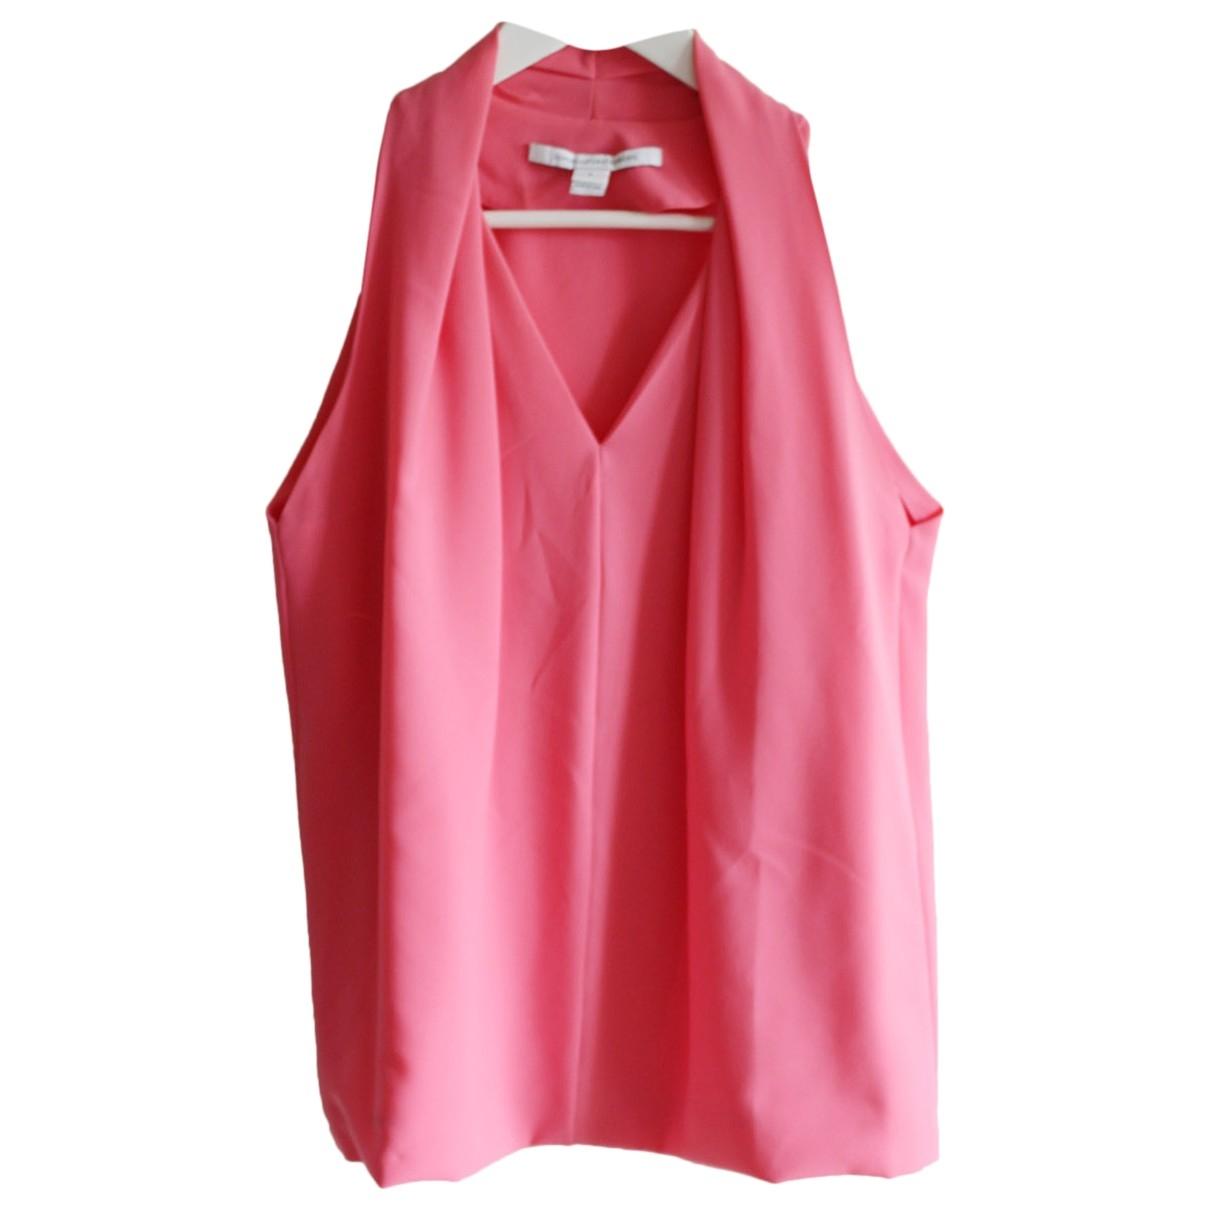 Diane Von Furstenberg \N Pink  top for Women 36 FR